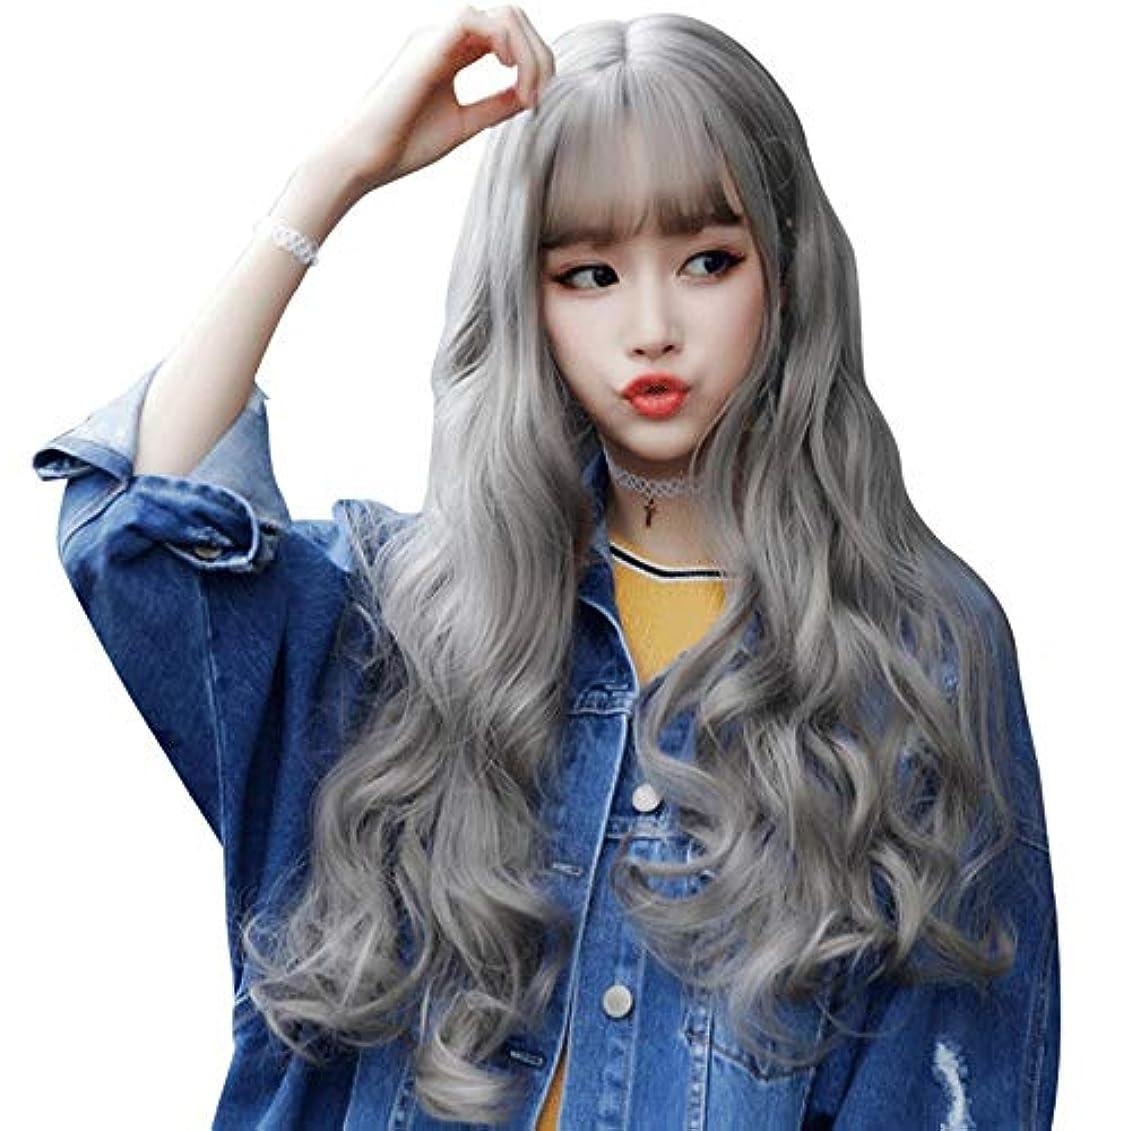 親愛な見落とすうがいSRY-Wigファッション かつら女性の長い髪の空気前髪自然なふわふわ耐熱繊維かわいい現実的な長い巻き毛の大きな波